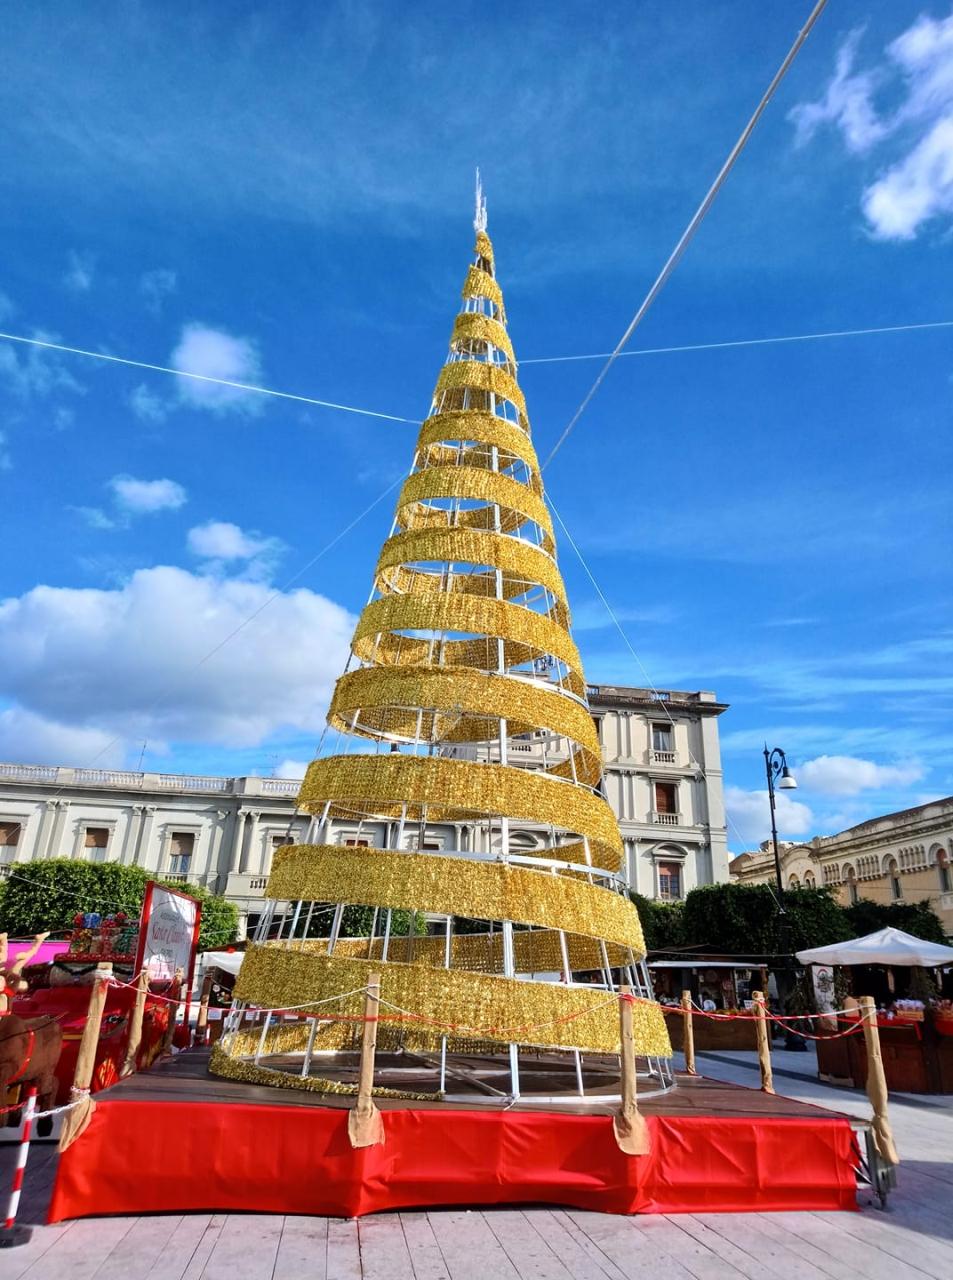 albero di Natale in piazza Duomo a Reggio Calabria - foto di Pasquale Campolo